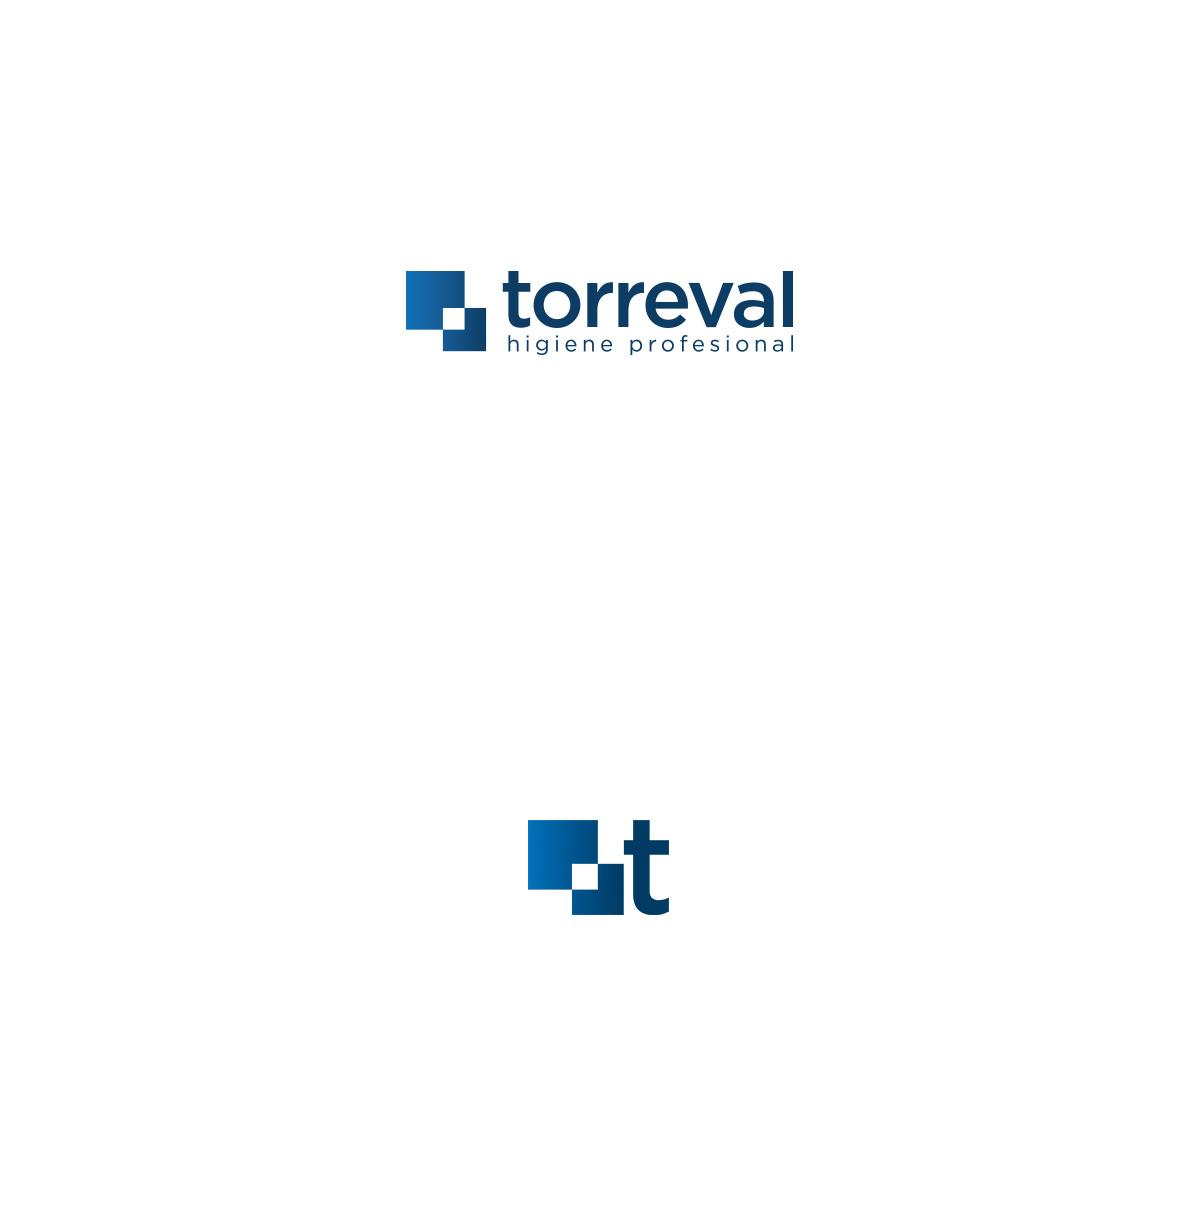 diseno-web-branding-valencia-torreval-1